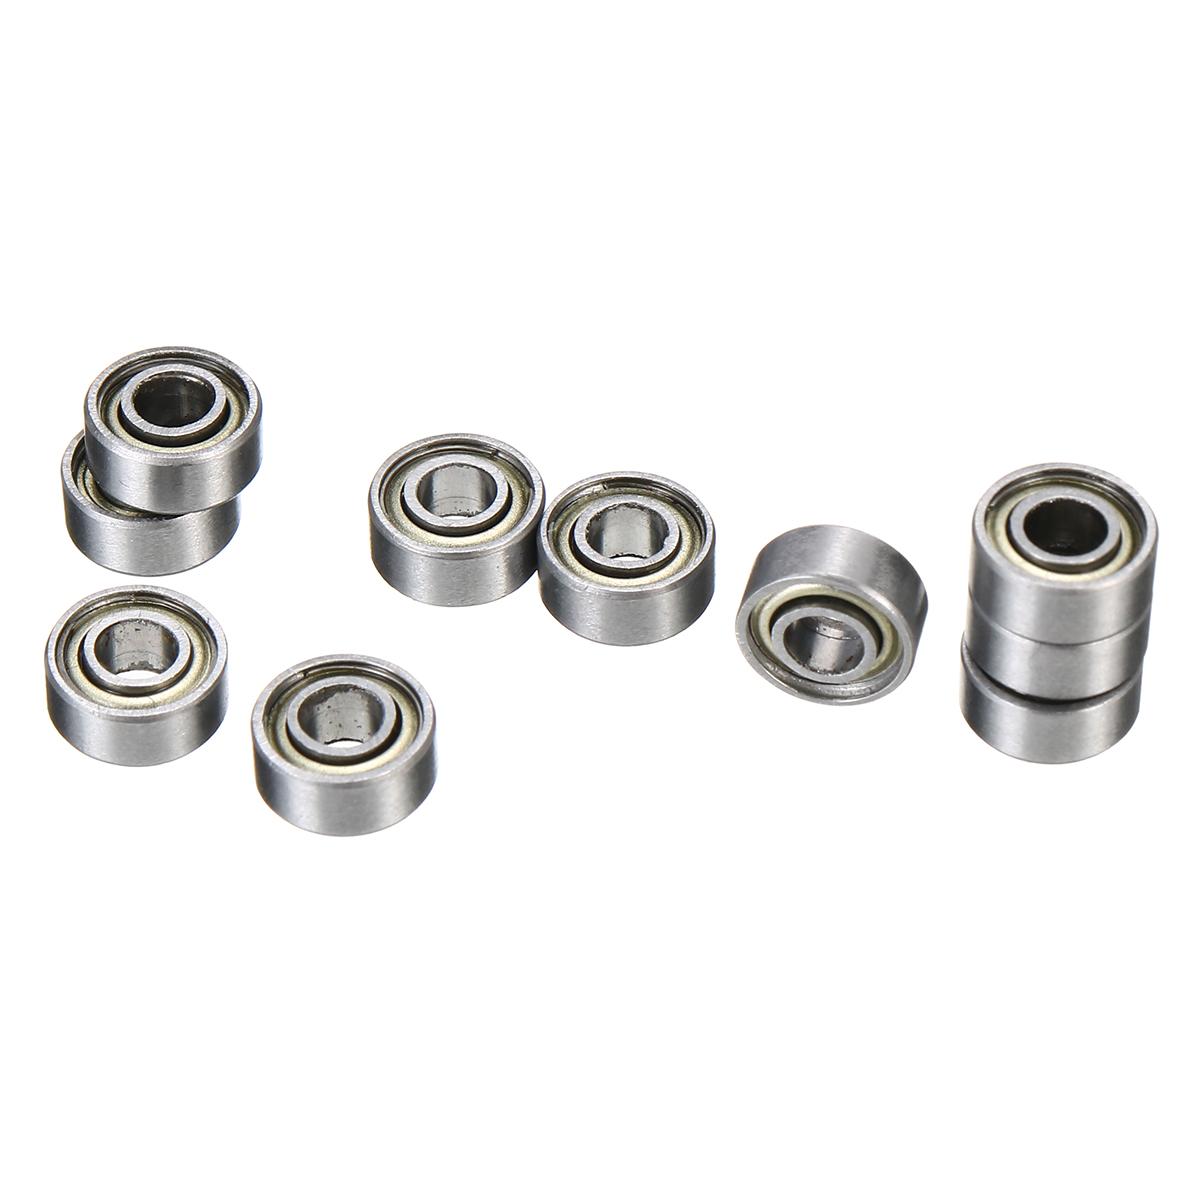 10pcs 683ZZ Miniature Bearings Deep Groove Ball Bearings